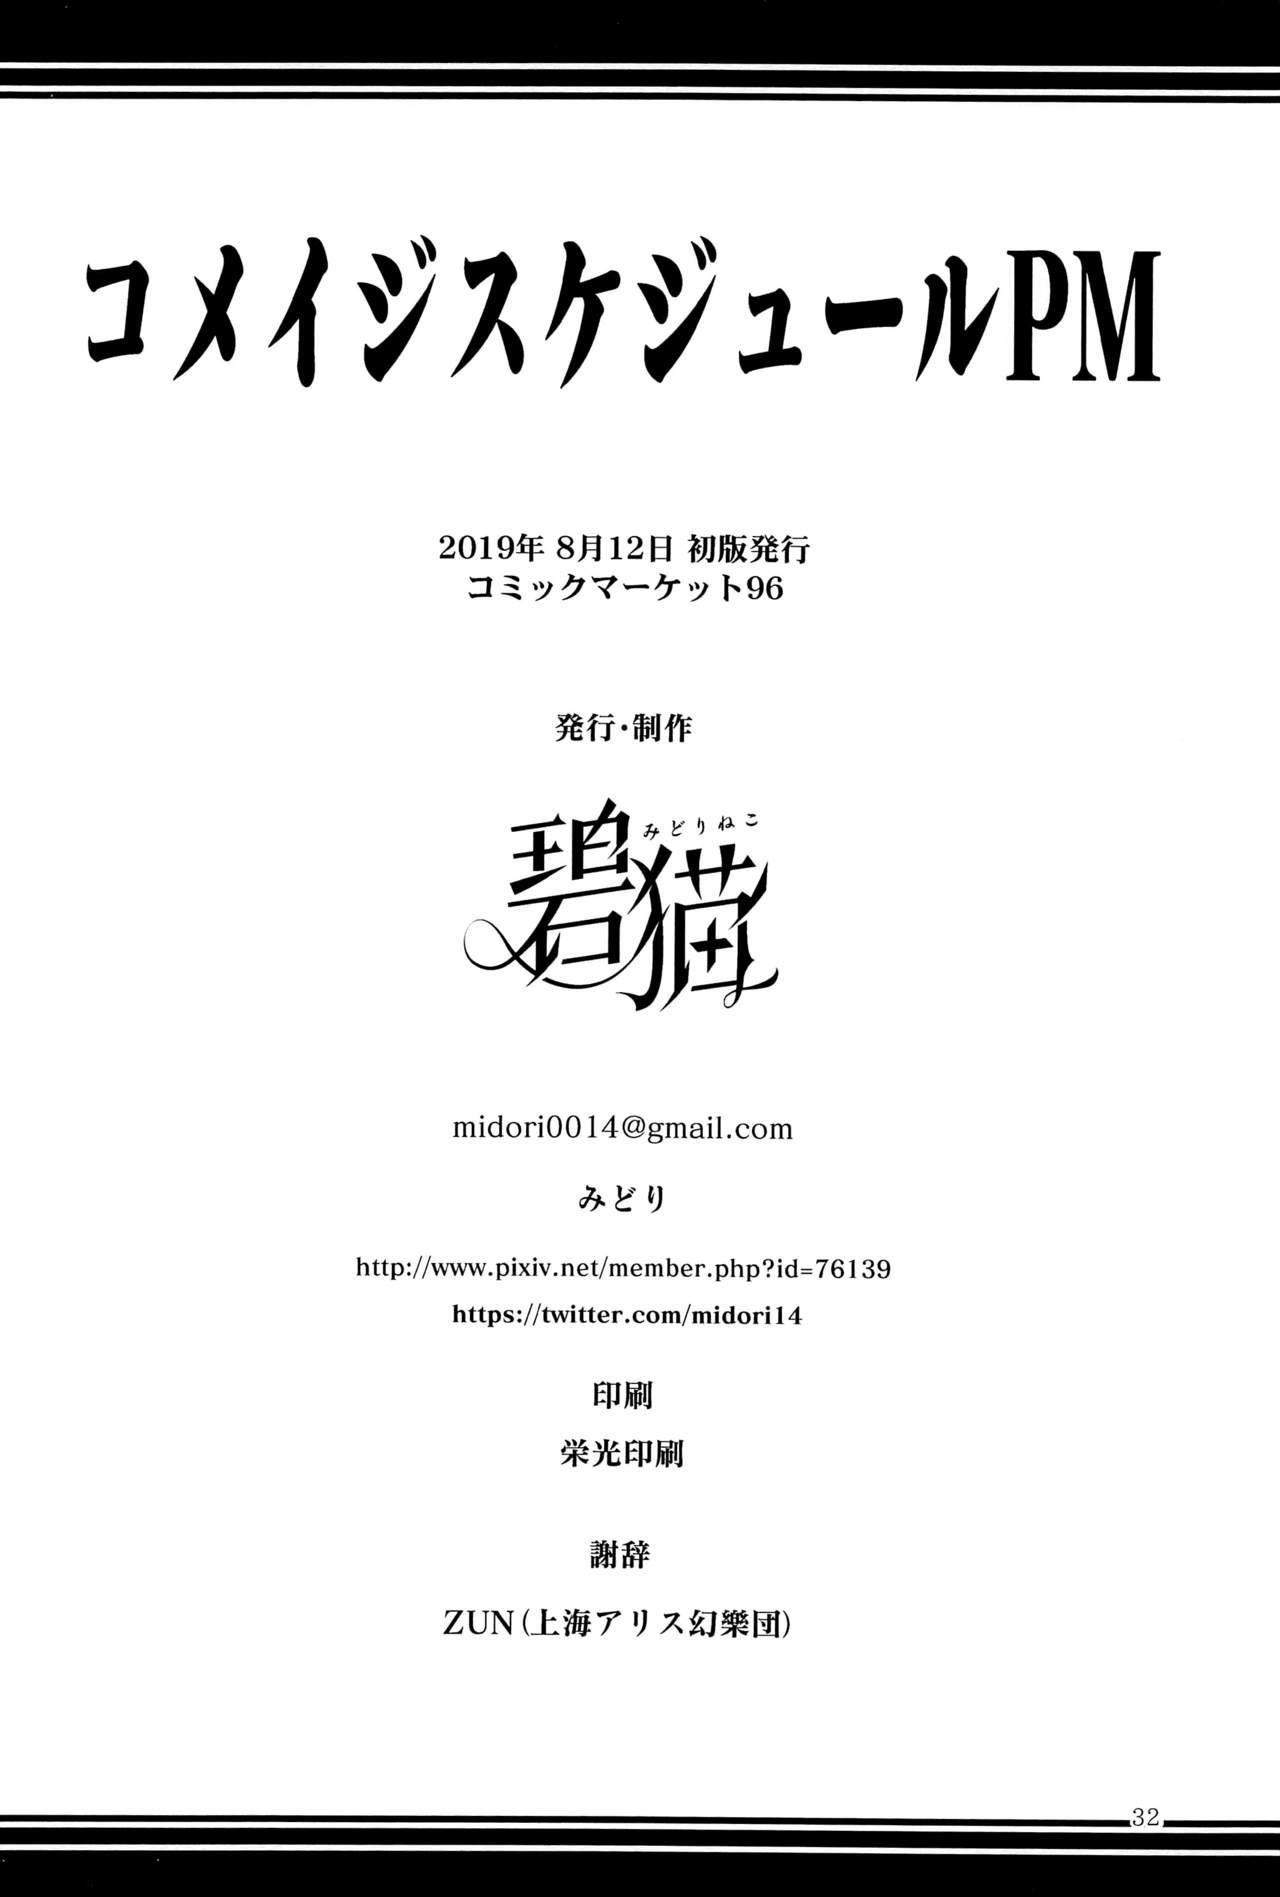 Komeiji Schedule PM 32